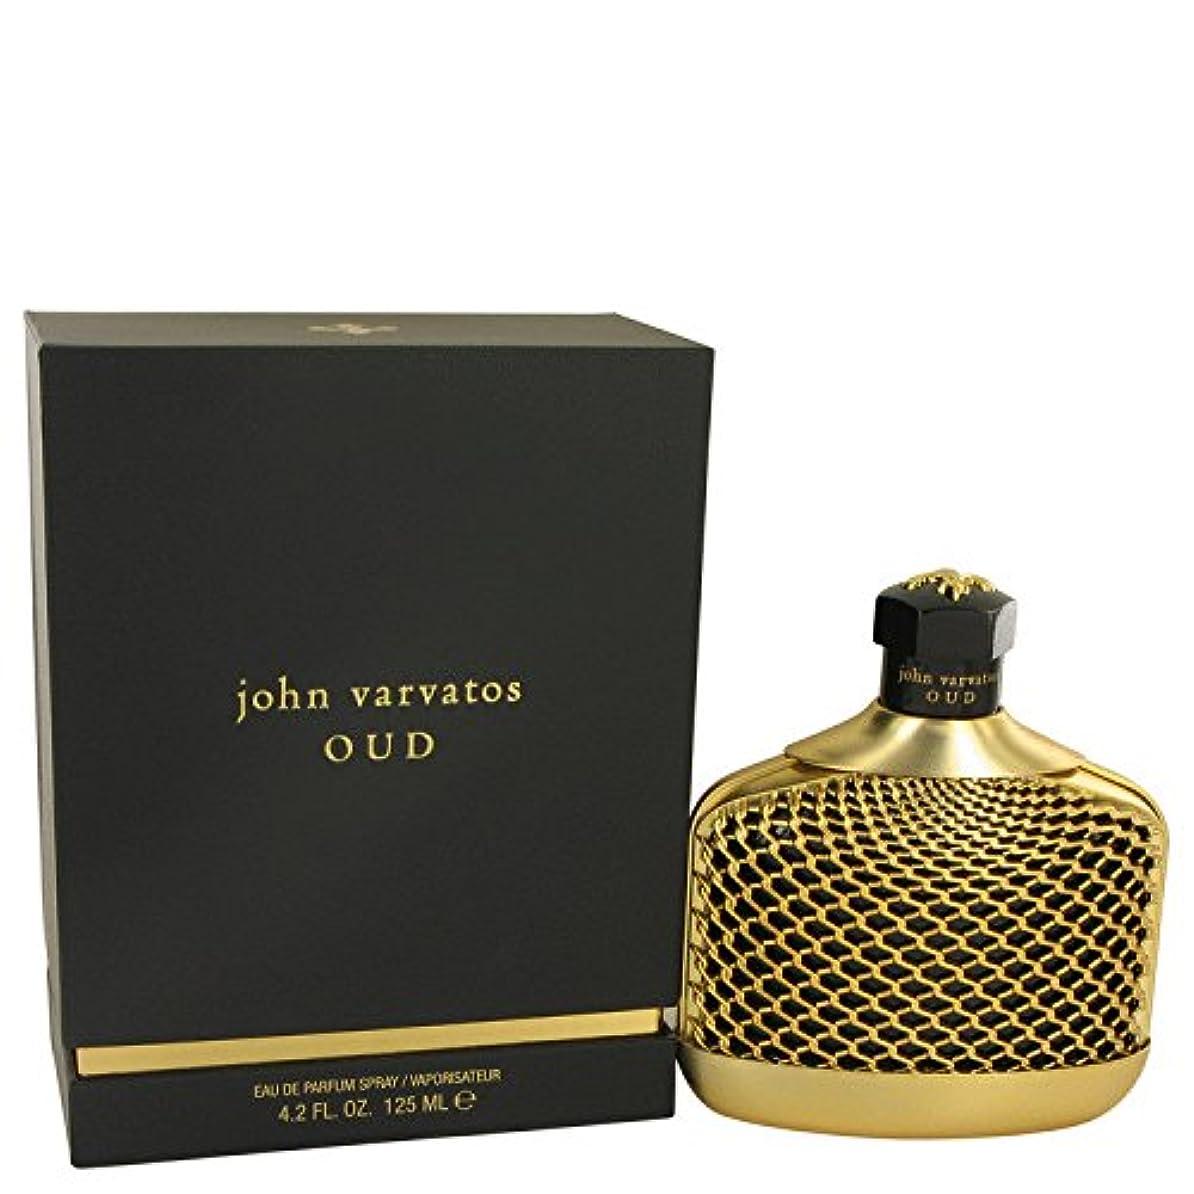 太字良性辞書John Varvatos Oud by John Varvatos Eau De Parfum Spray 125 ml [並行輸入品]